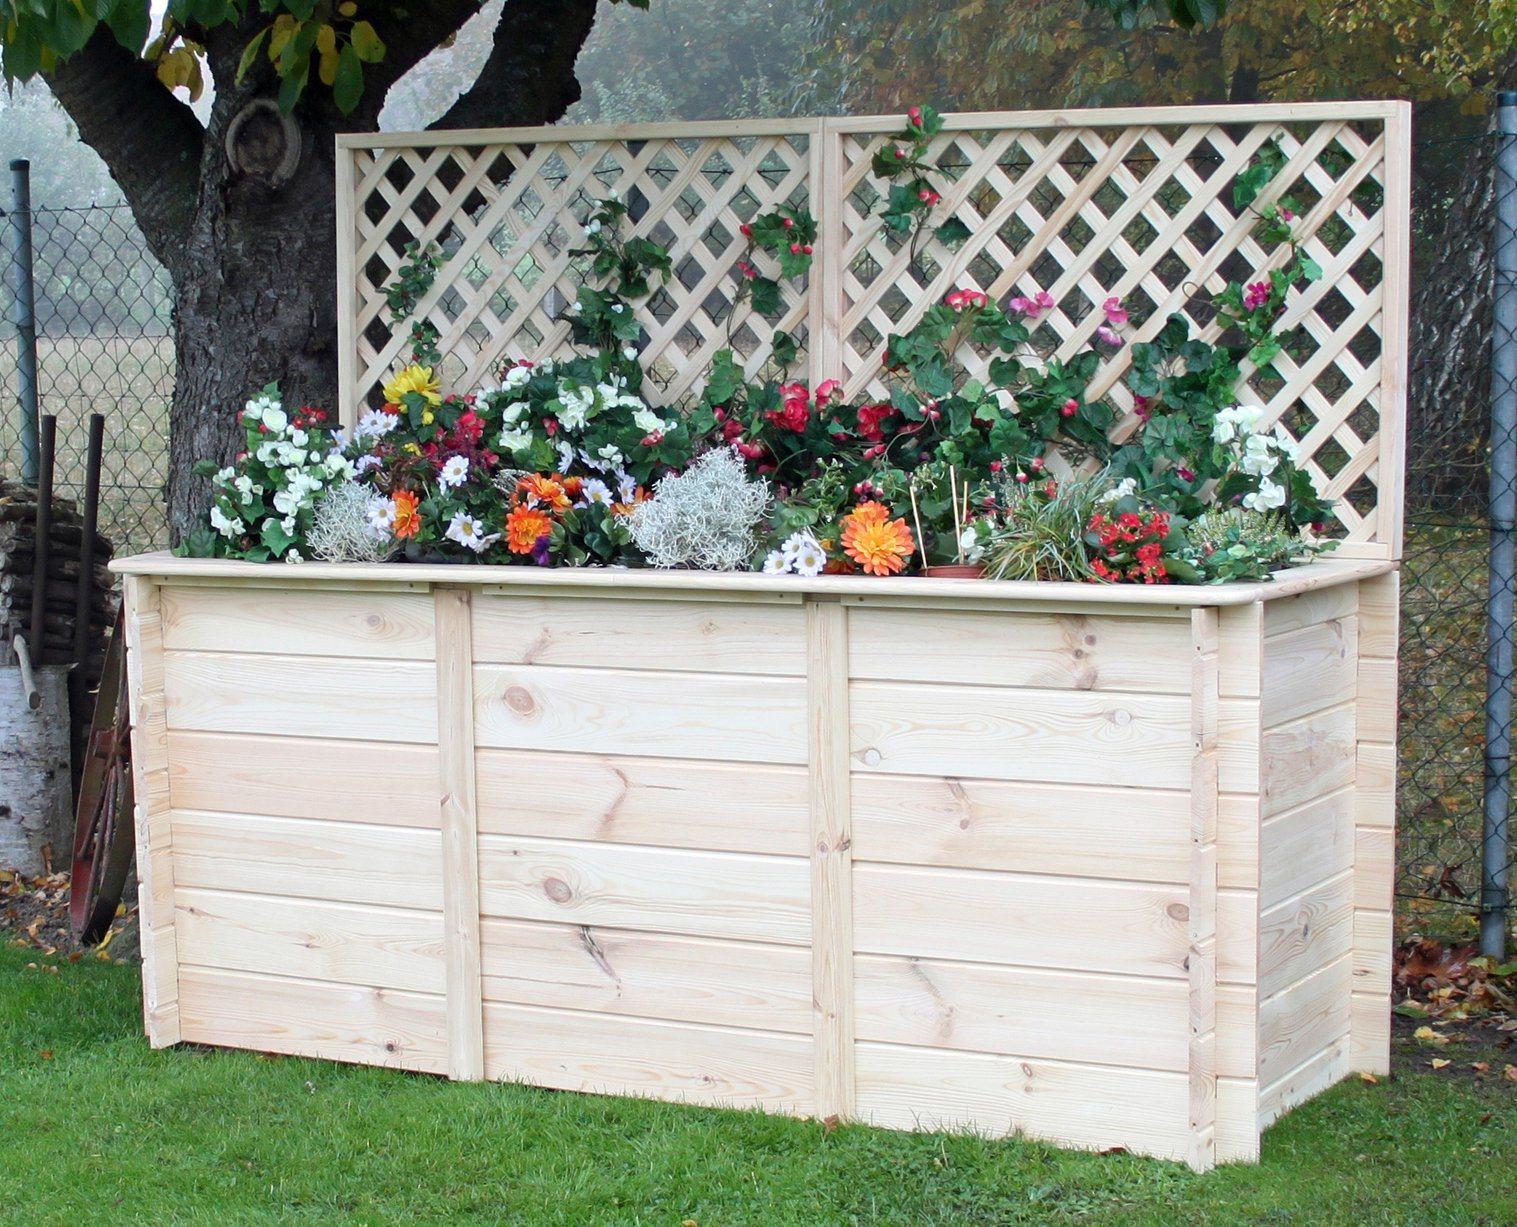 PROMADINO Hochbeet , BxTxH: 200x80x130 cm, mit Rankgitteraufsatz | Garten > Pflanzen > Pflanzkästen | promadino